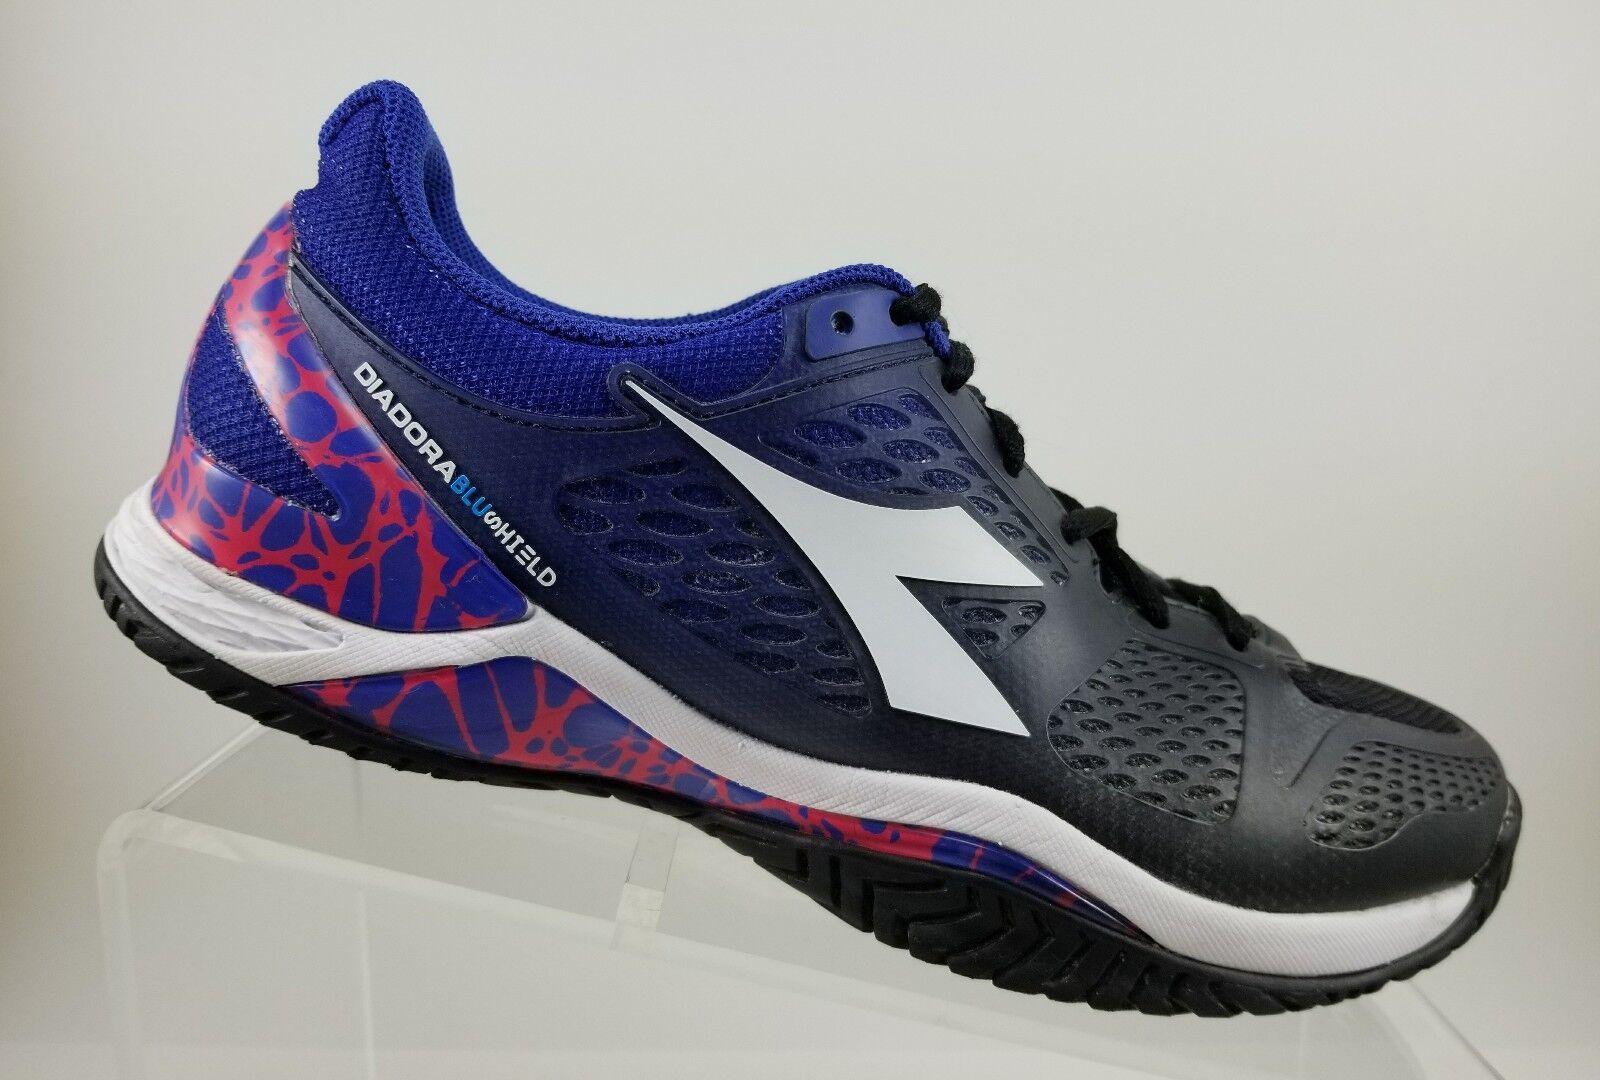 Diadora Speed azulshield AG AG AG Negro Azul Zapatos tenis De Correr Atléticos para mujer 7.5M  barato y de moda